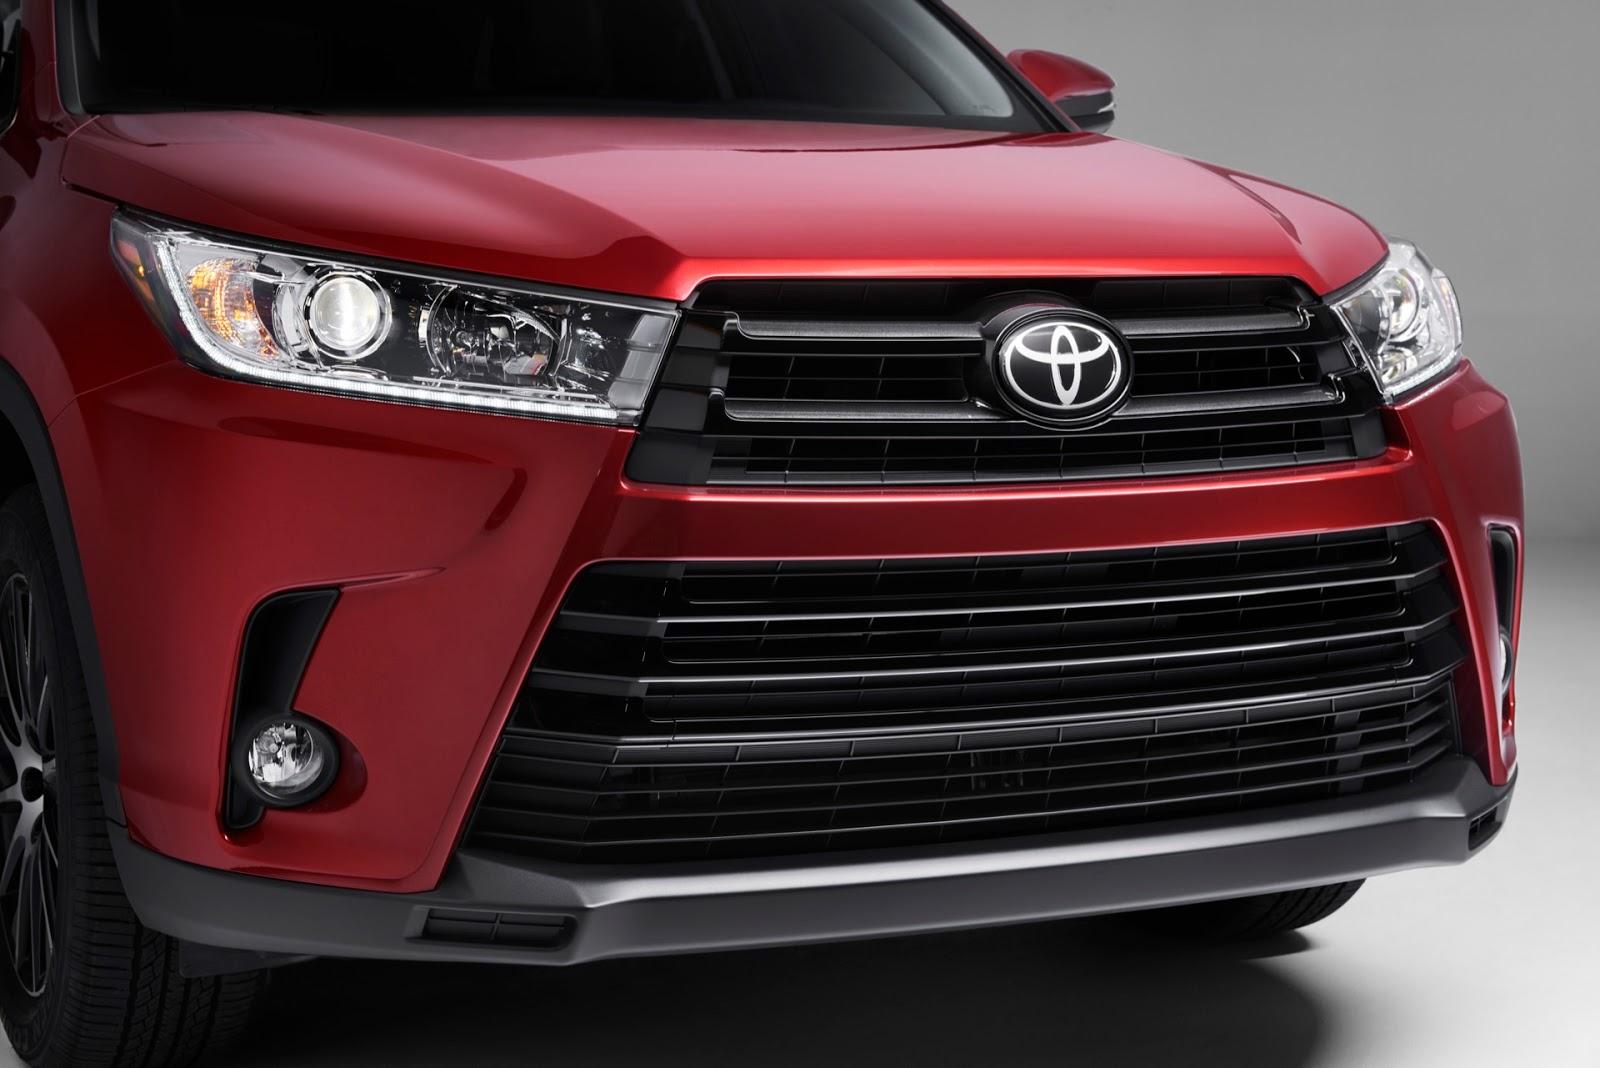 Đánh giá xe Toyota Highlander 2017 - Sang, mạnh & rộng hơn